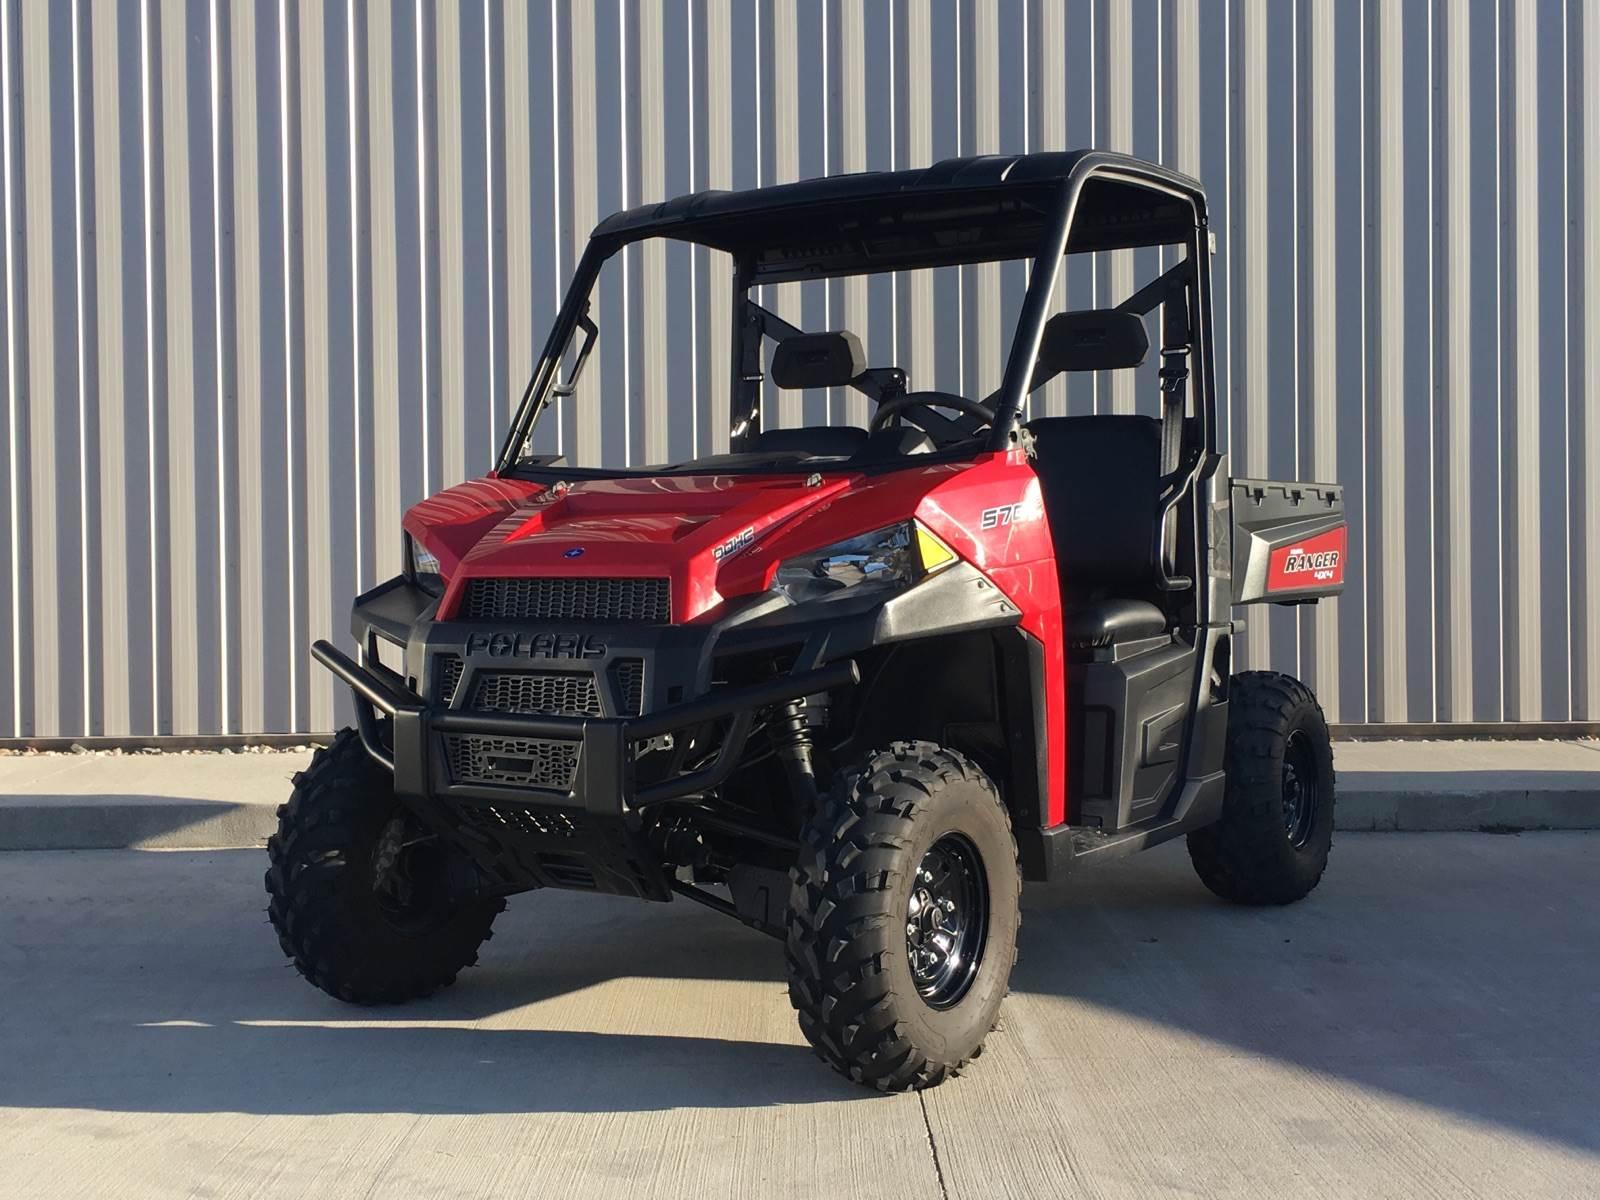 2015 Polaris Ranger570 Full Size for sale 90761